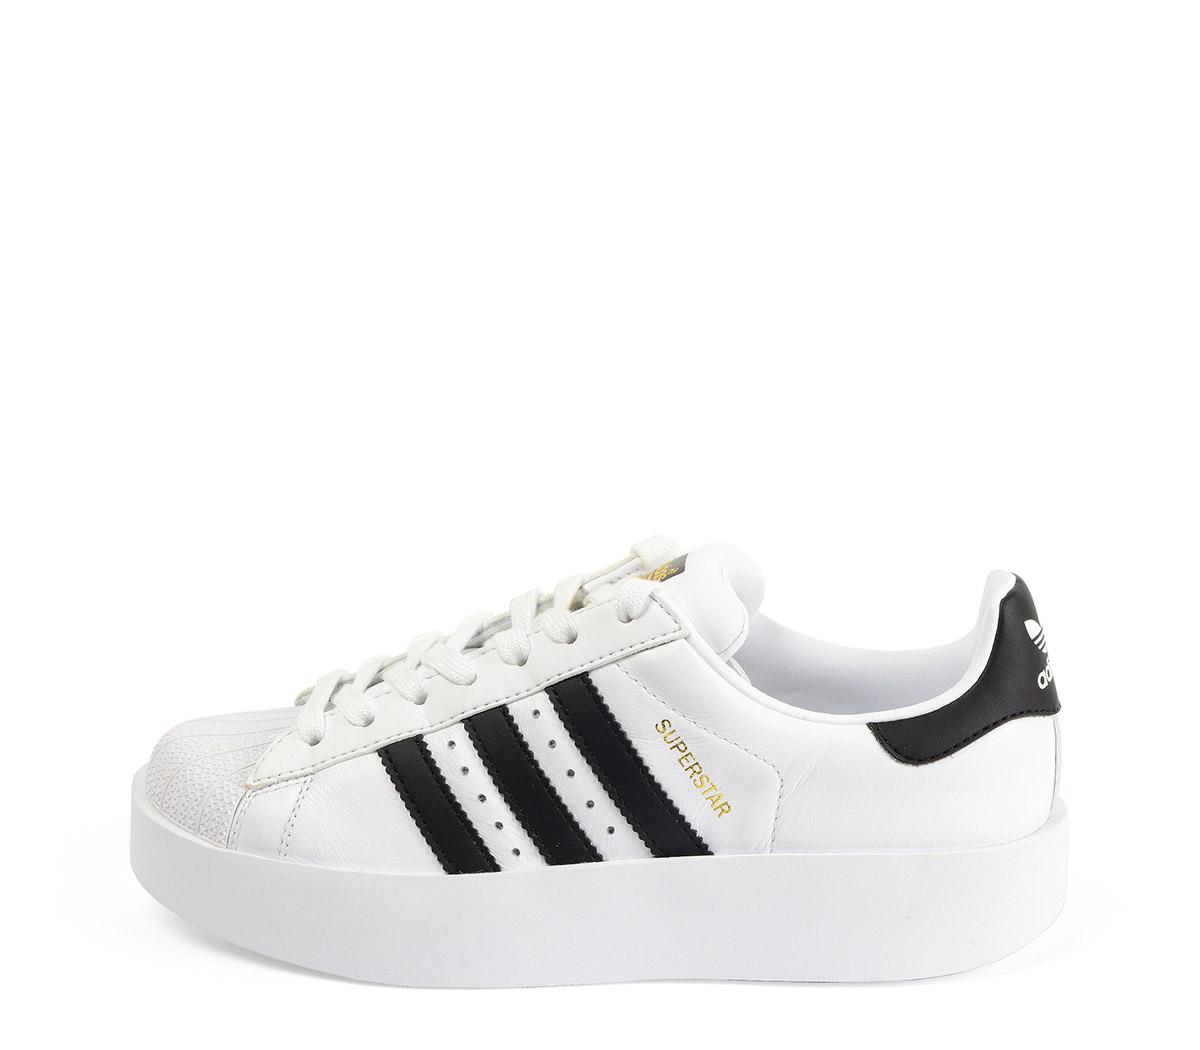 Ref. 3797 Adidas Superstar Bold piel blanca con simbolo en piel negro. Cordones blancos. Plataforma de 3 cm.